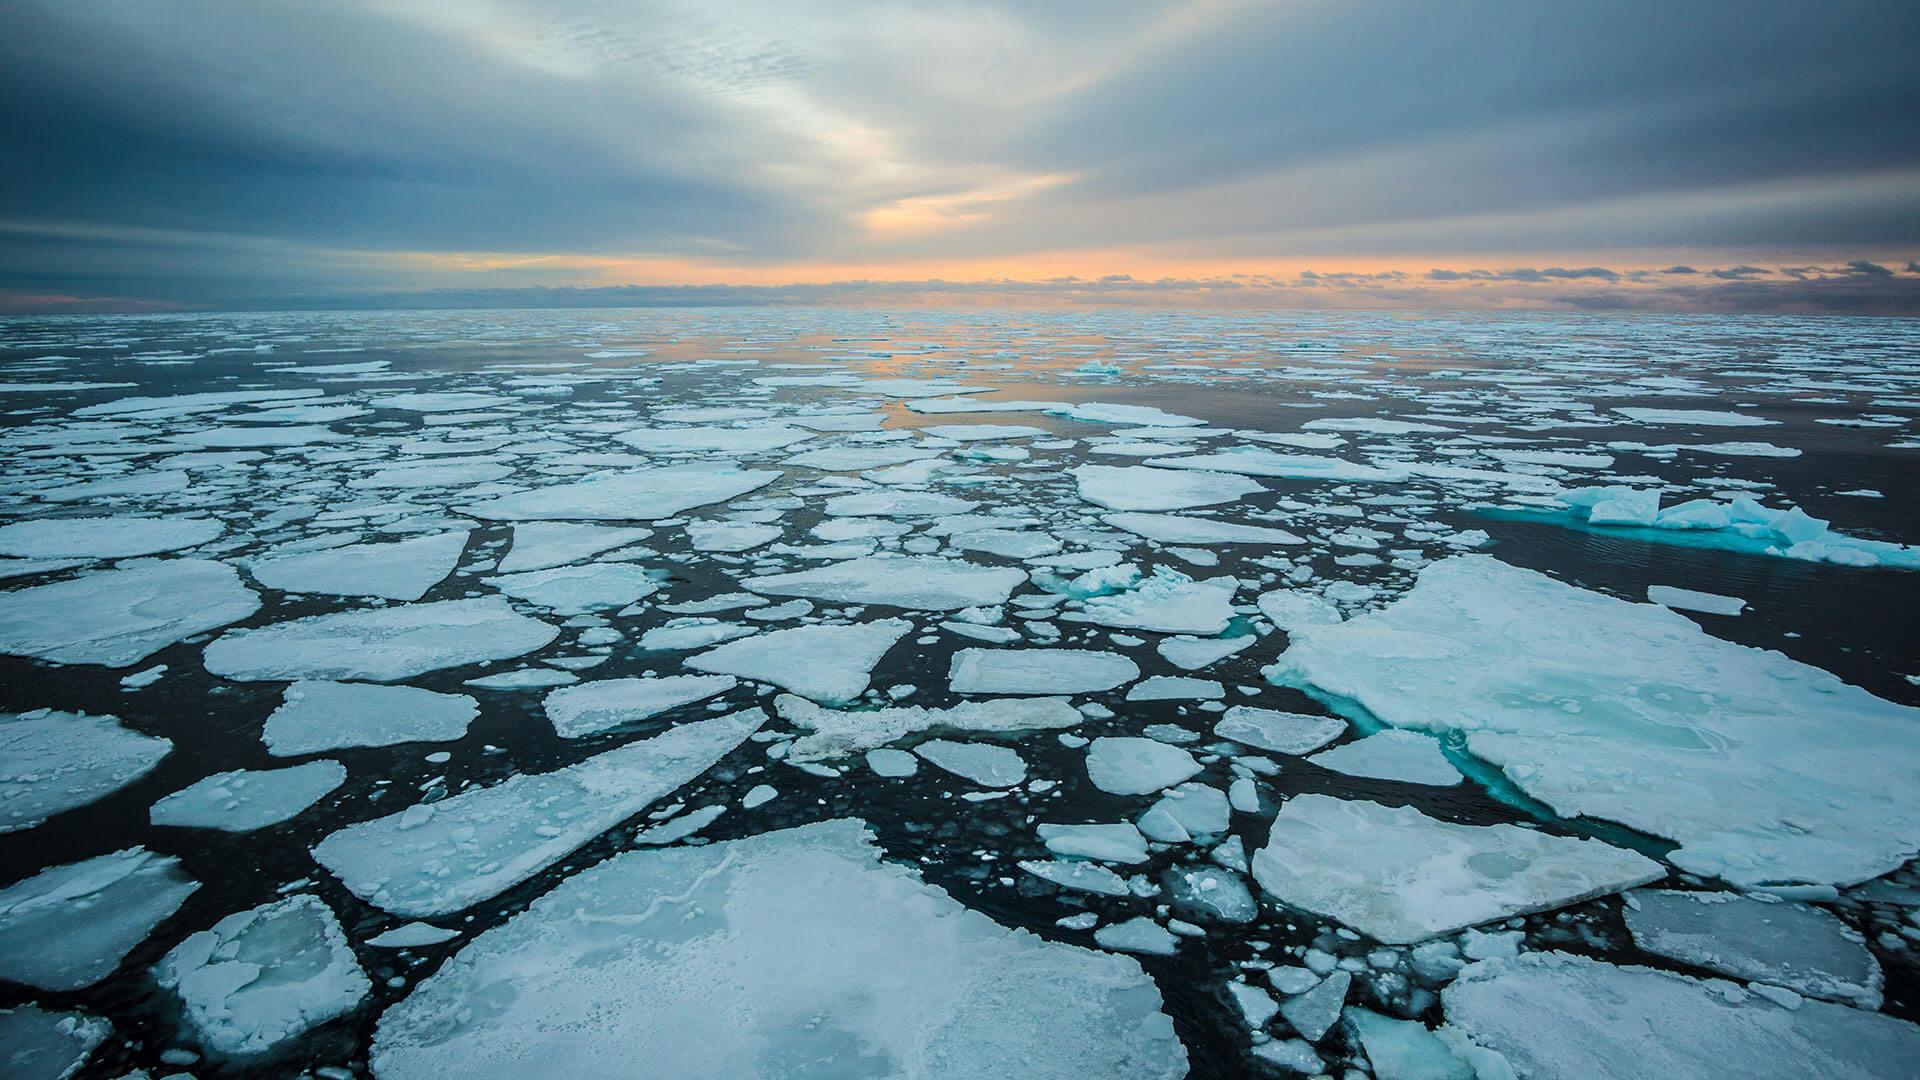 ذوب صفحات یخی با پیشبینیهای بدترین سناریو دانشمندان مطابقت دارد